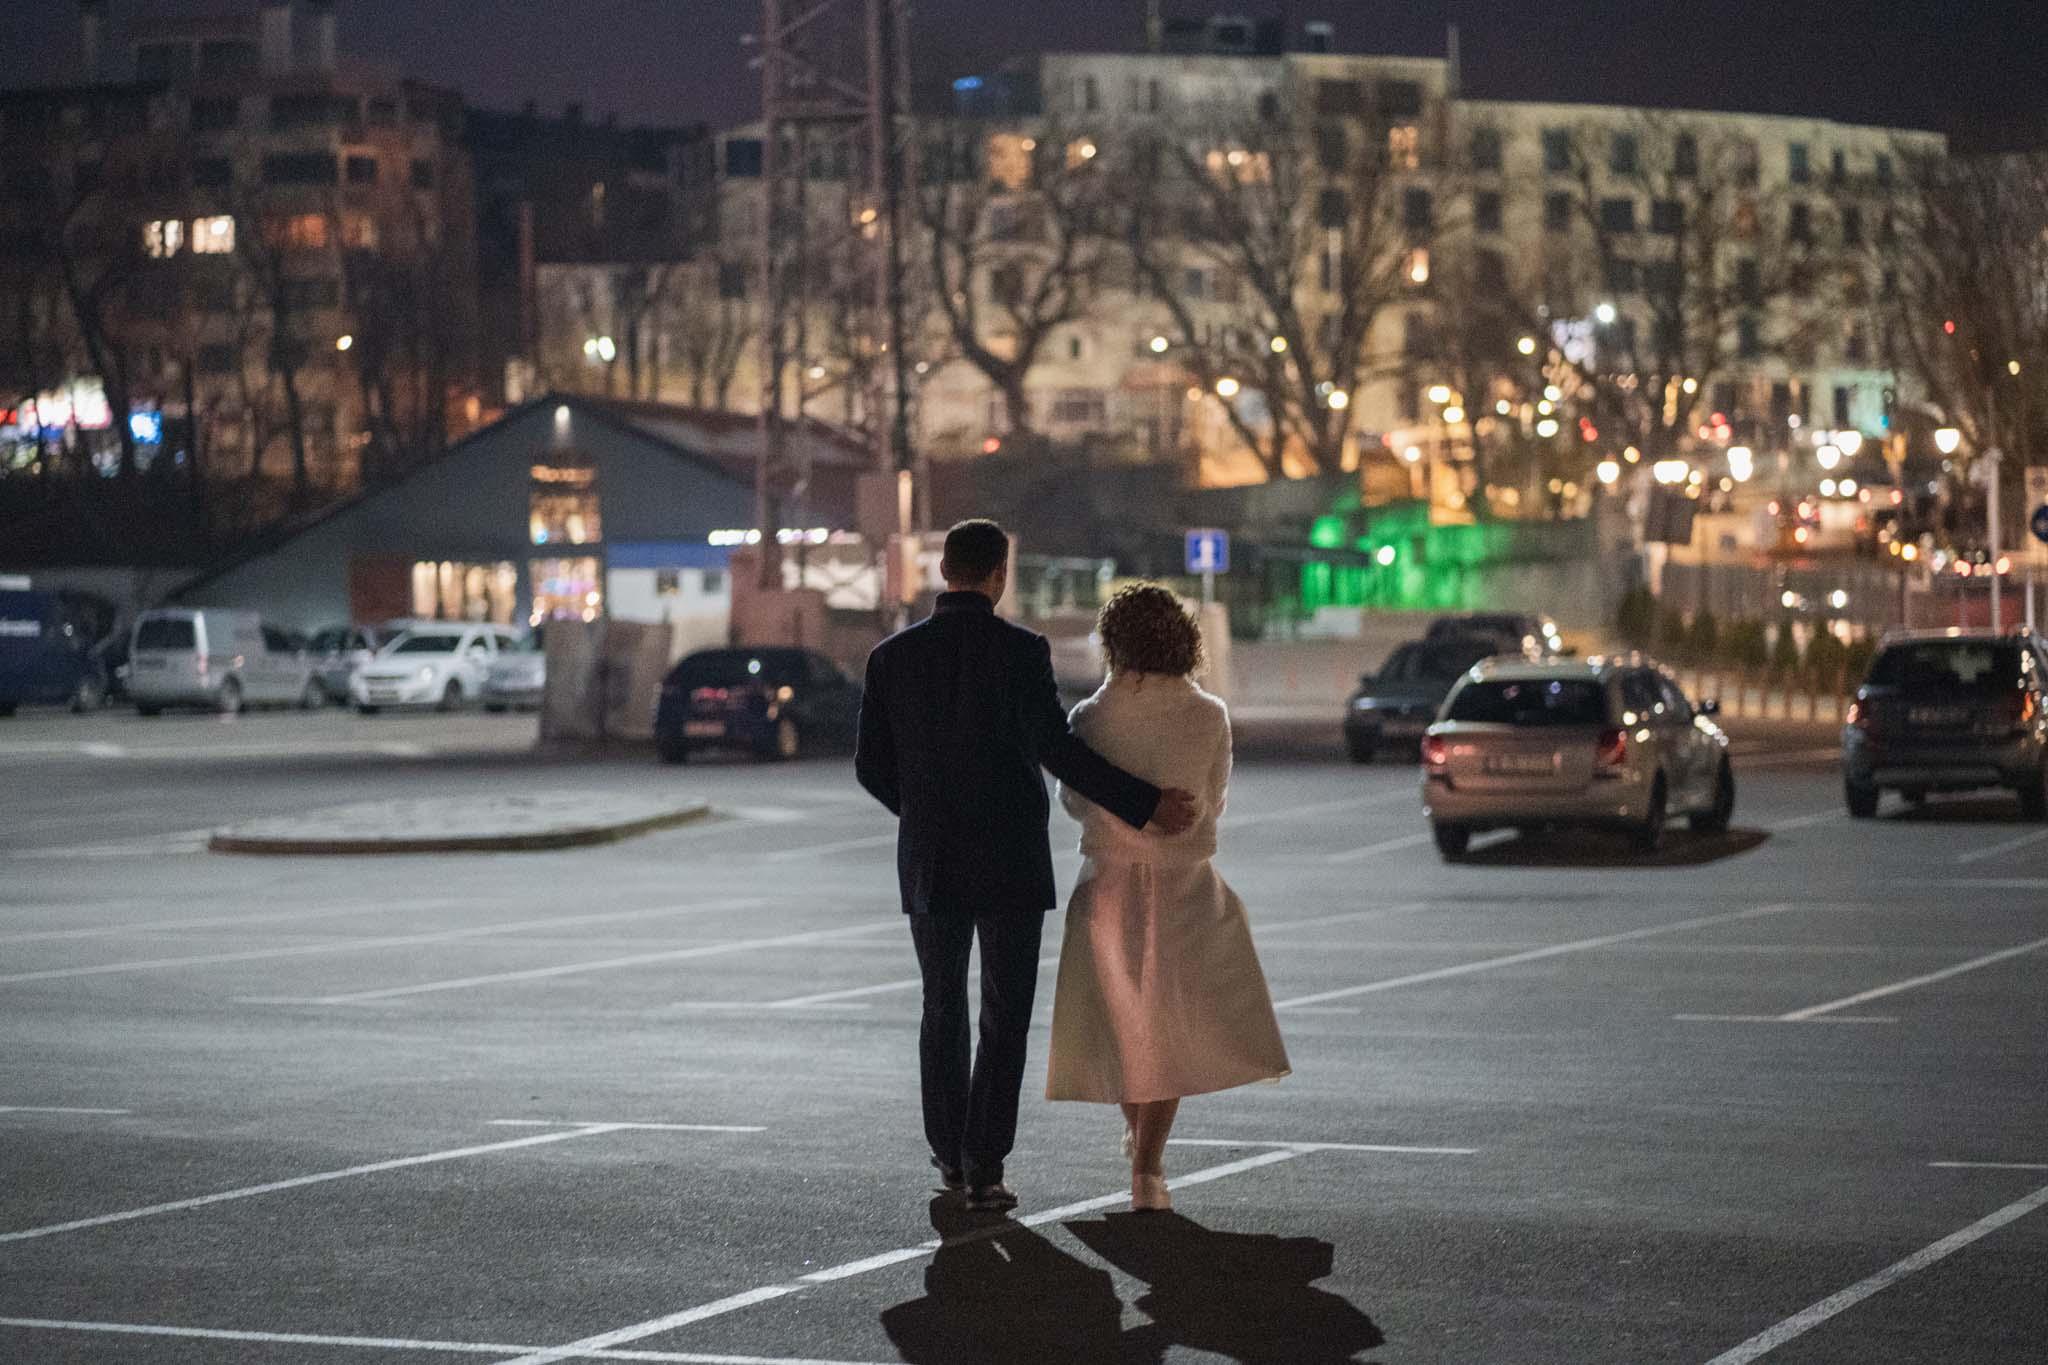 Сватбен фотограф, сватбена фотография, сватбена фотосесия, фотограф за сватба, снимки на сватба, сватбени снимки, сватба, снимки, фотограф, сватба във Варна,  сватбени снимки, професионален фотограф, сватба в България,  морска сватба, сватба на морето, сватбена церемония, различна сватба, нетрадиционна сватба, фотограф събития, следсватбена фотосесия, фотосесия след сватбата, предсватбена фотосесия, малка сватба